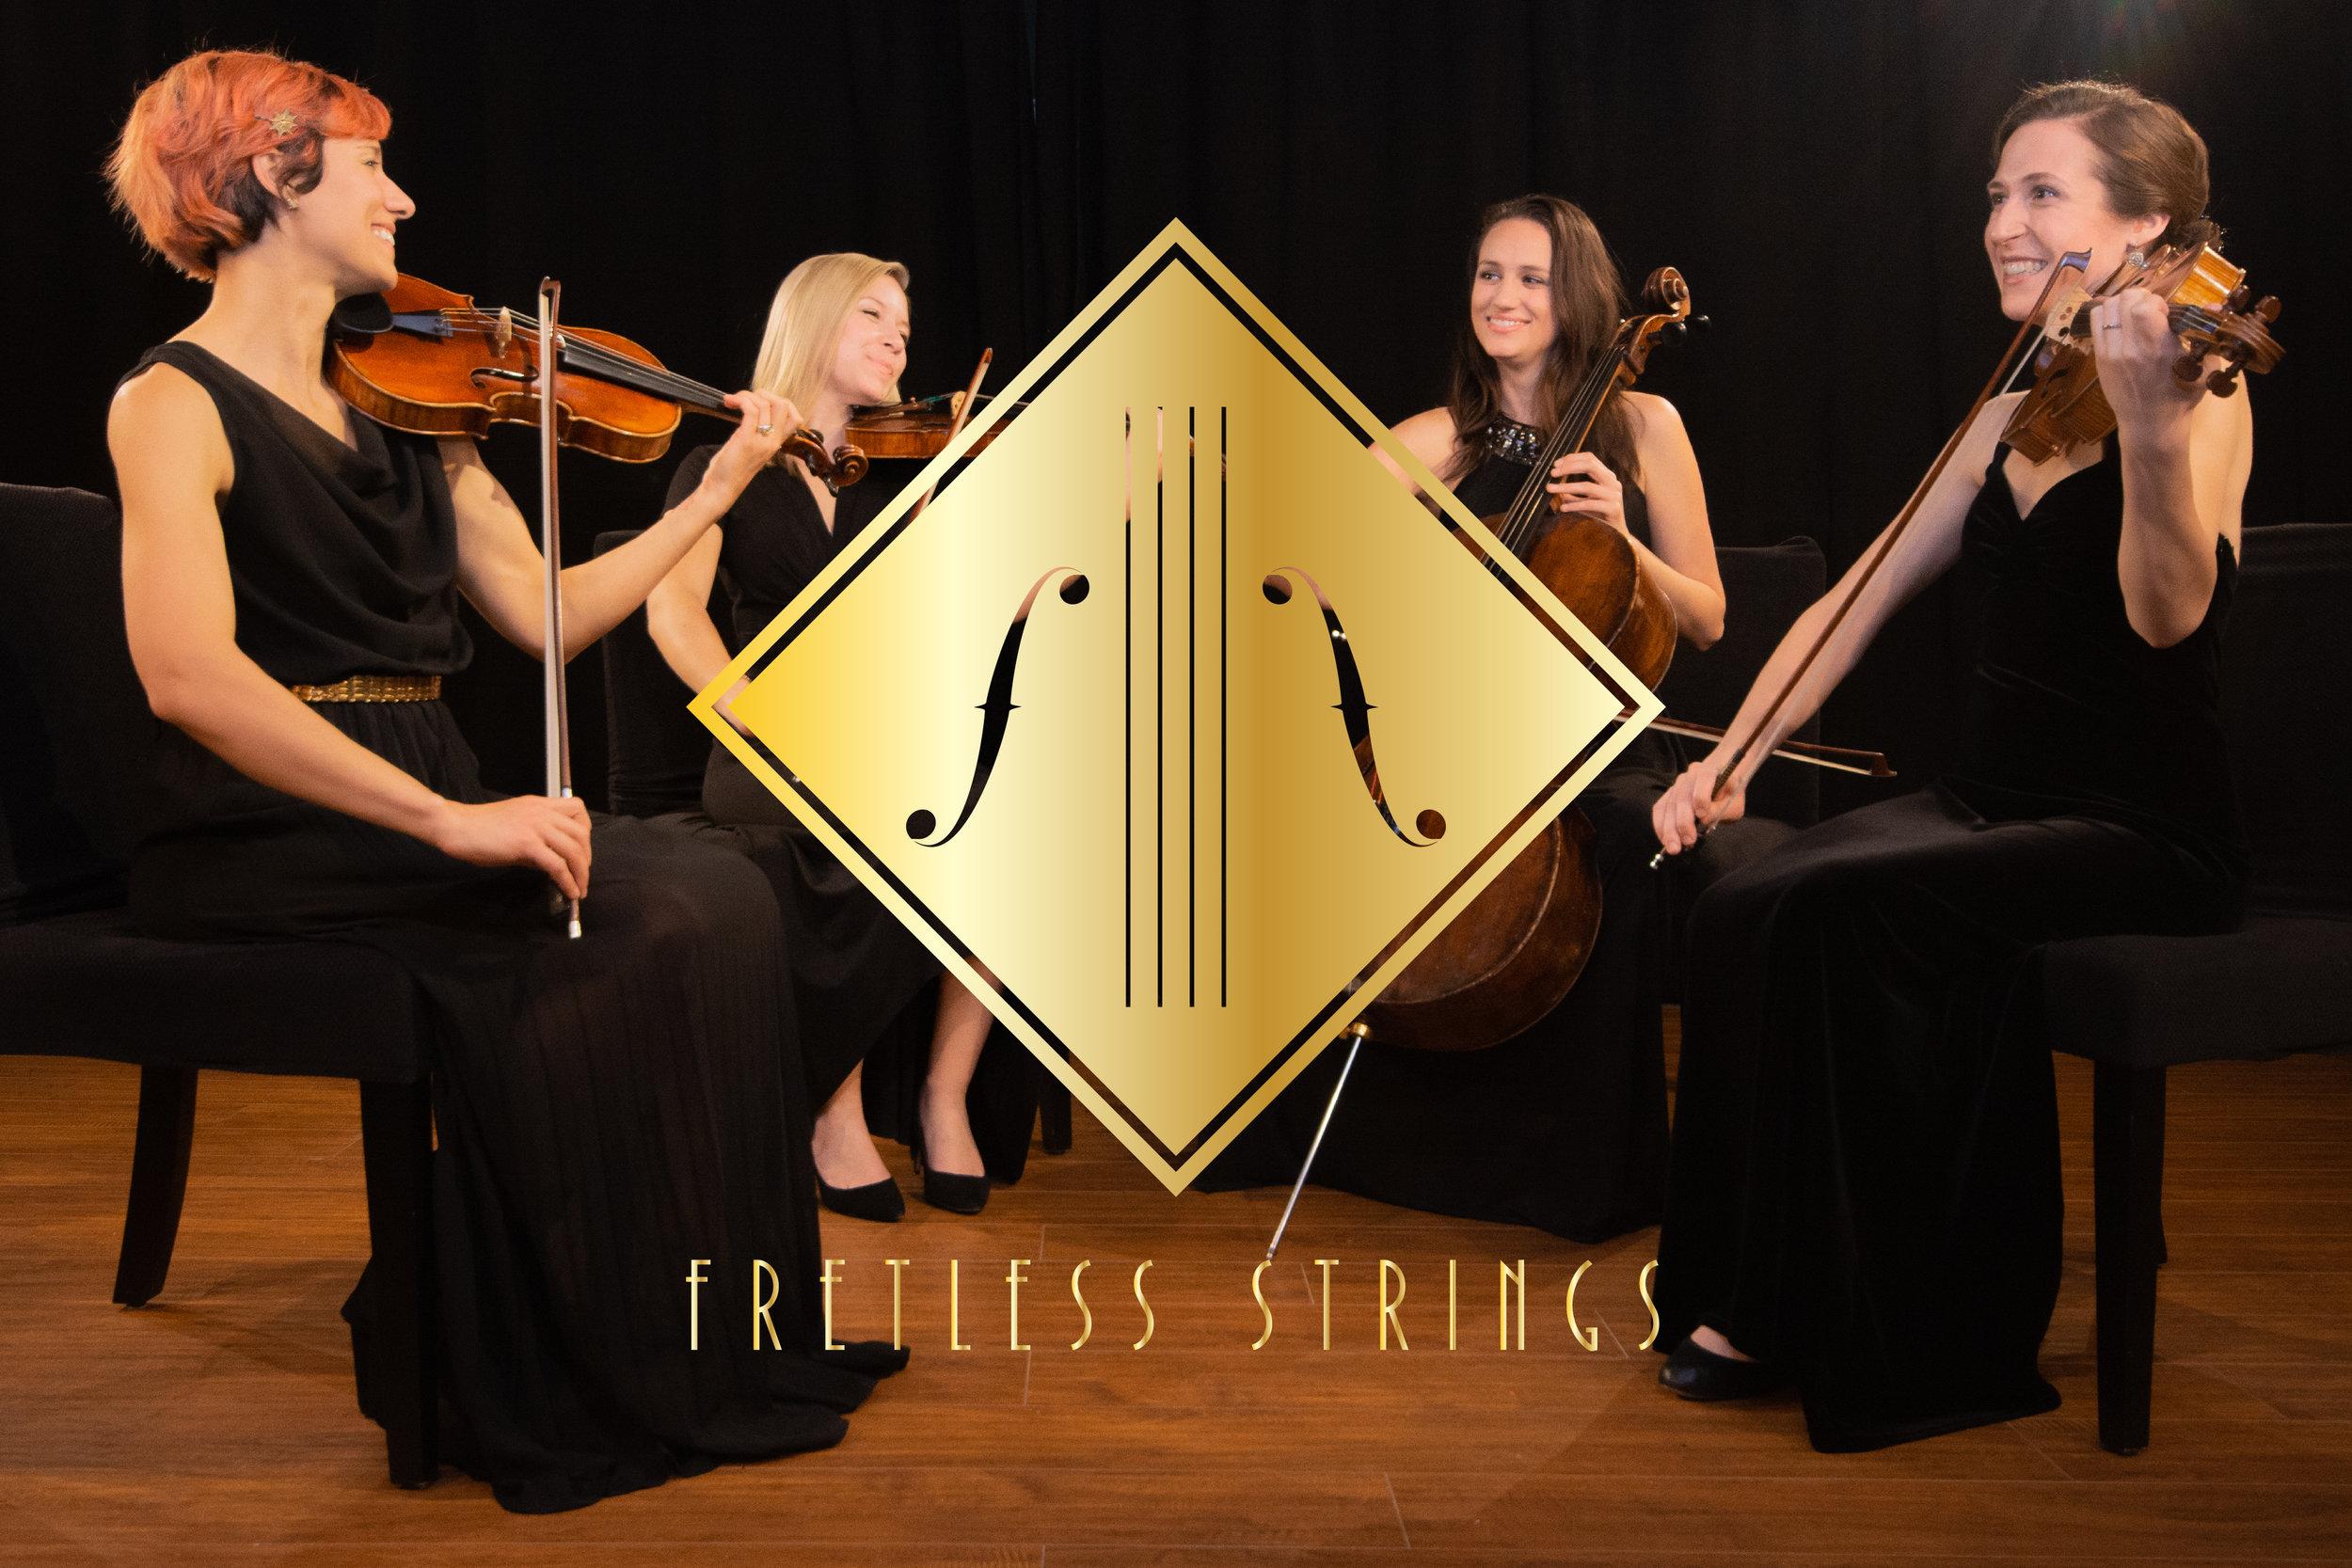 FRETLESS PIX 12X8 w logo 5in-3.jpg